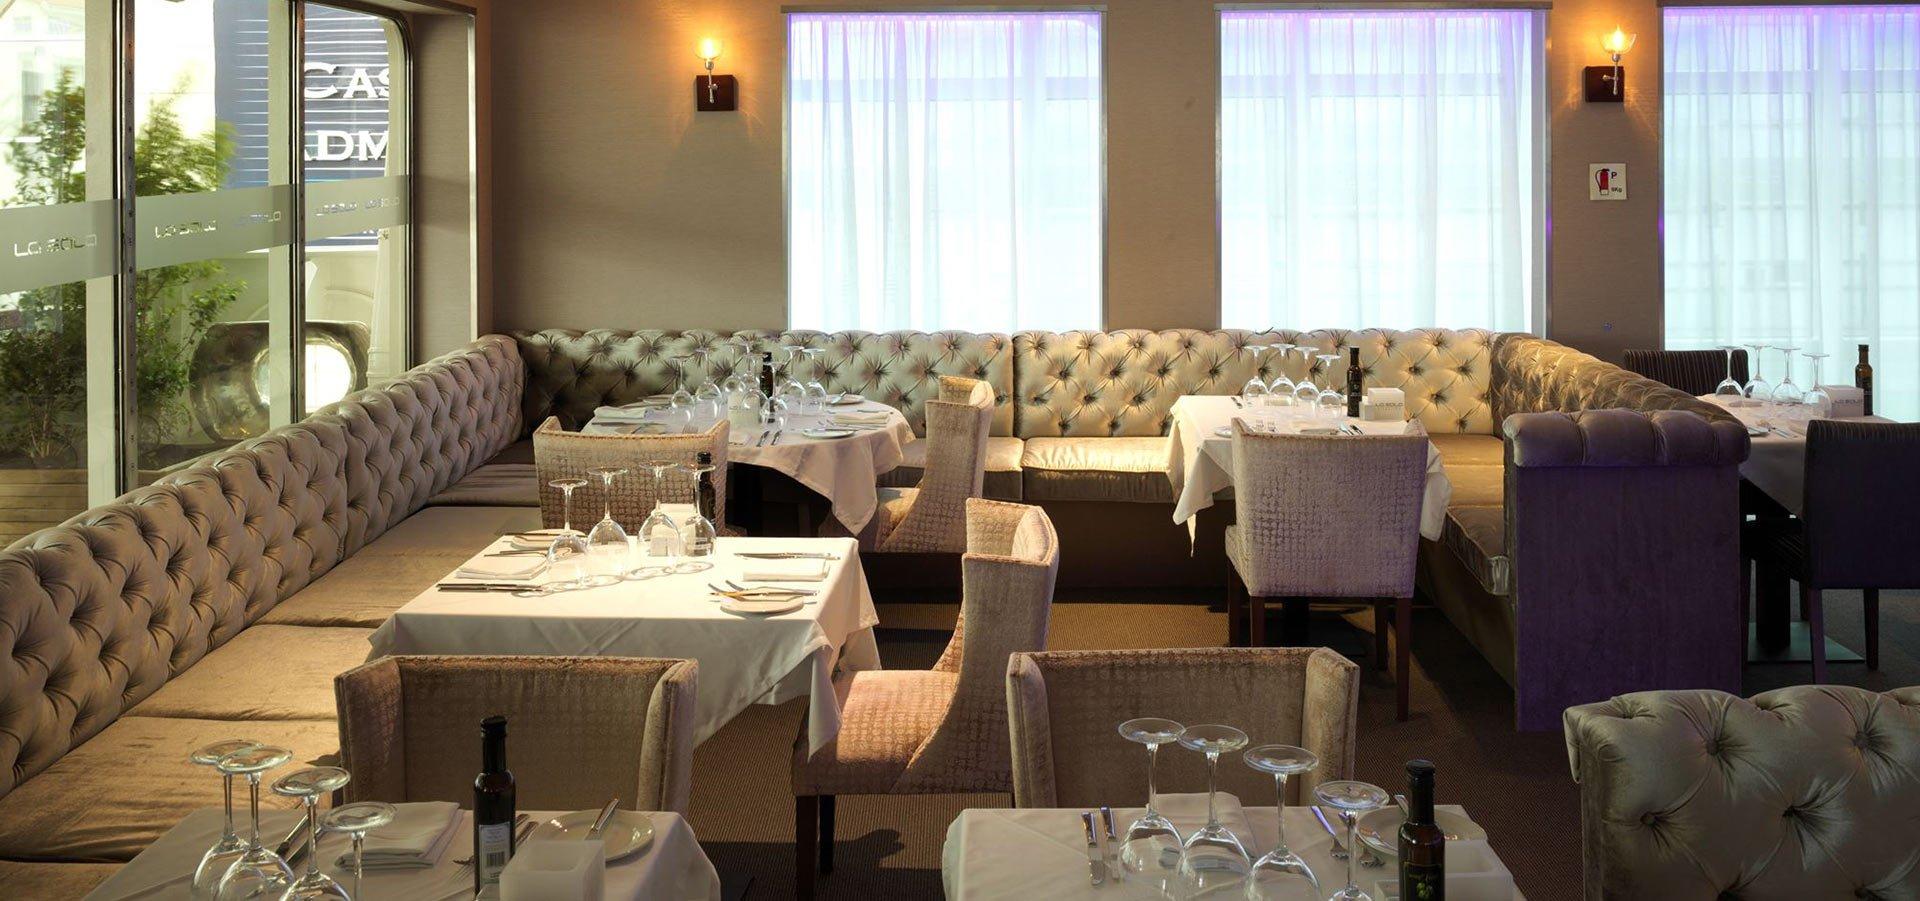 La Sala Gibraltar Restaurant Live Music Sunborn Yacht -> Imagem Para Sala